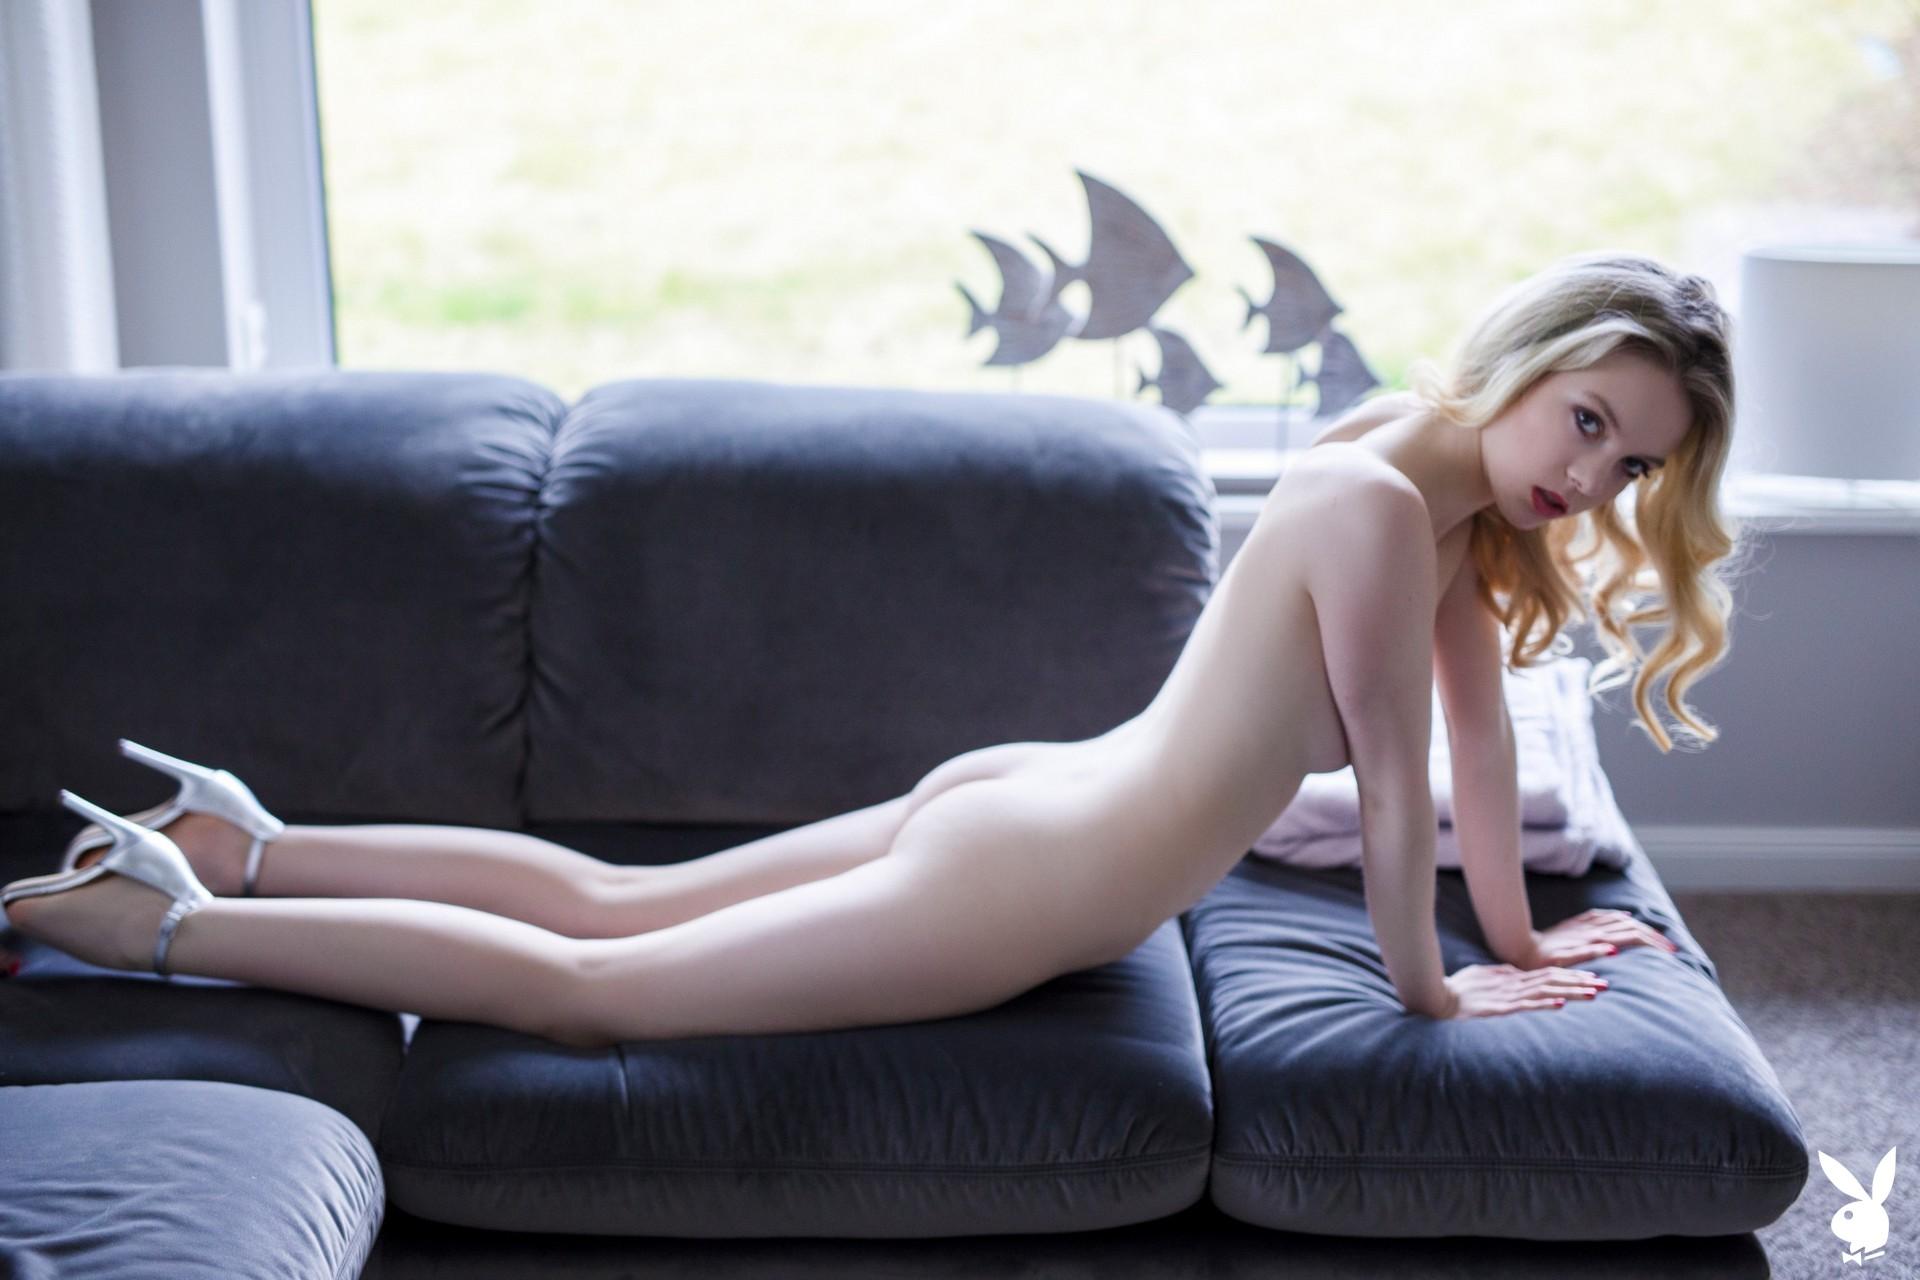 Emmi In Ignited Desires Playboy Plus (18)